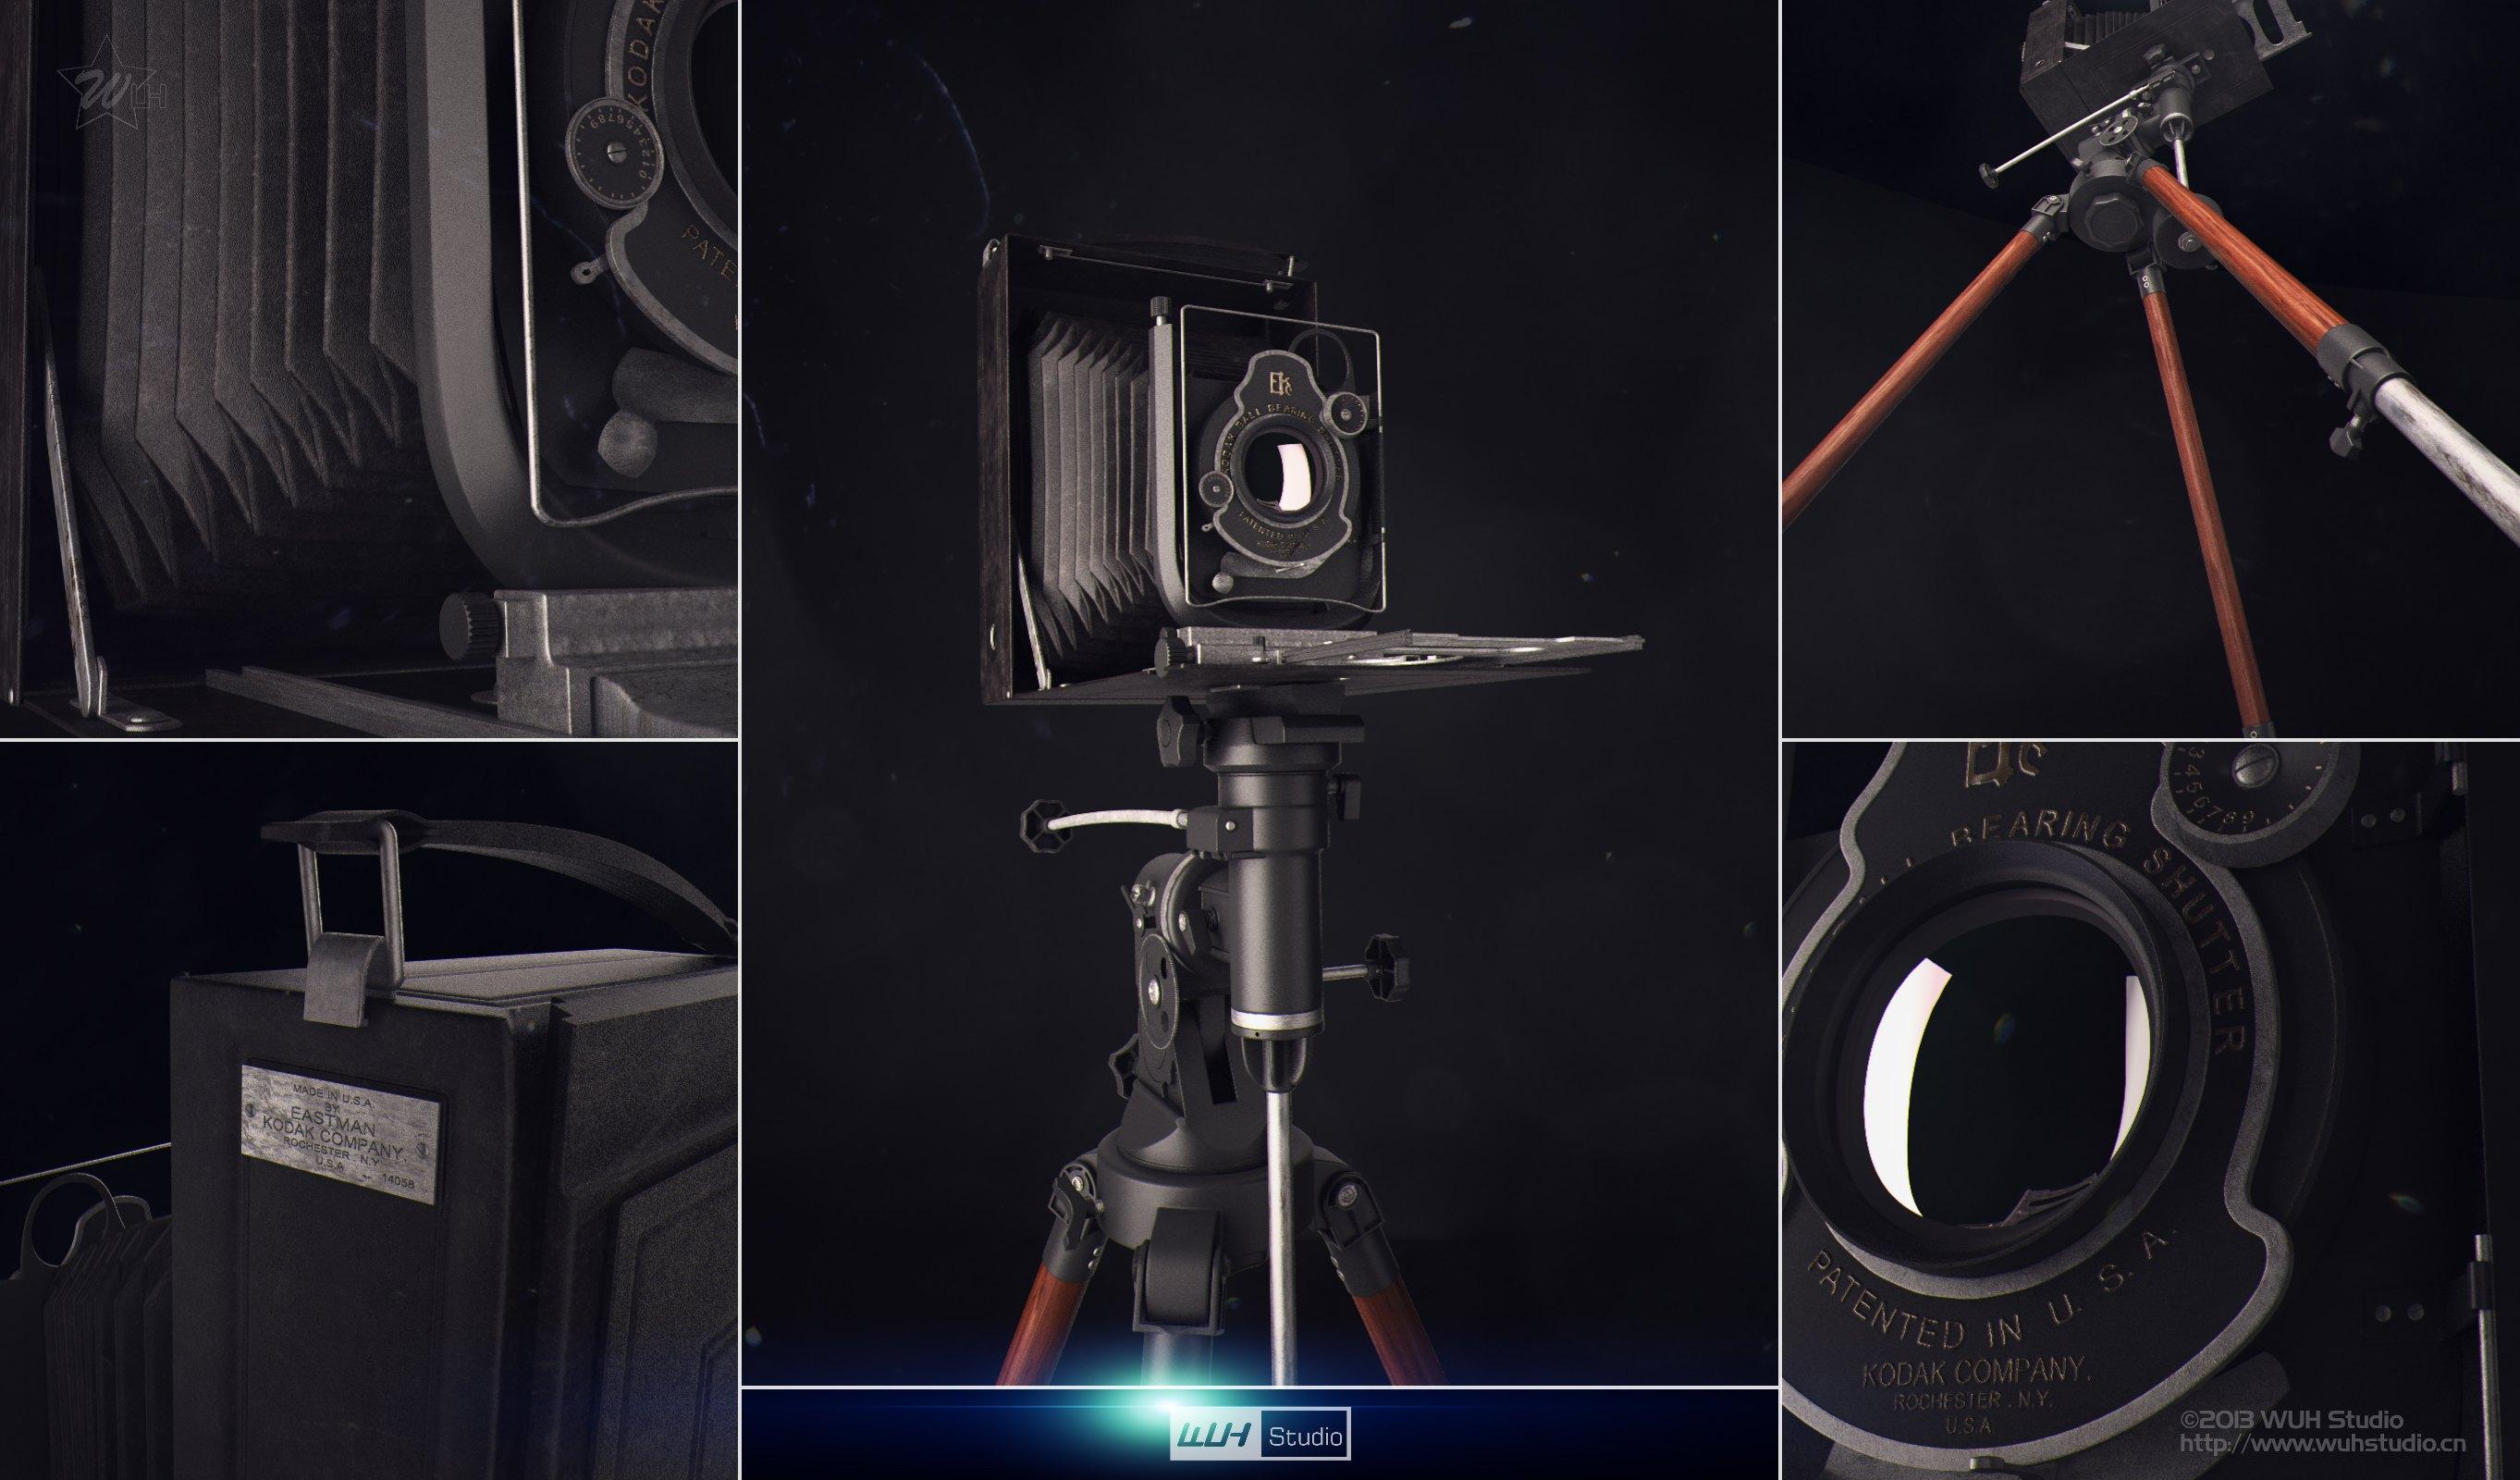 Kodak古典相机